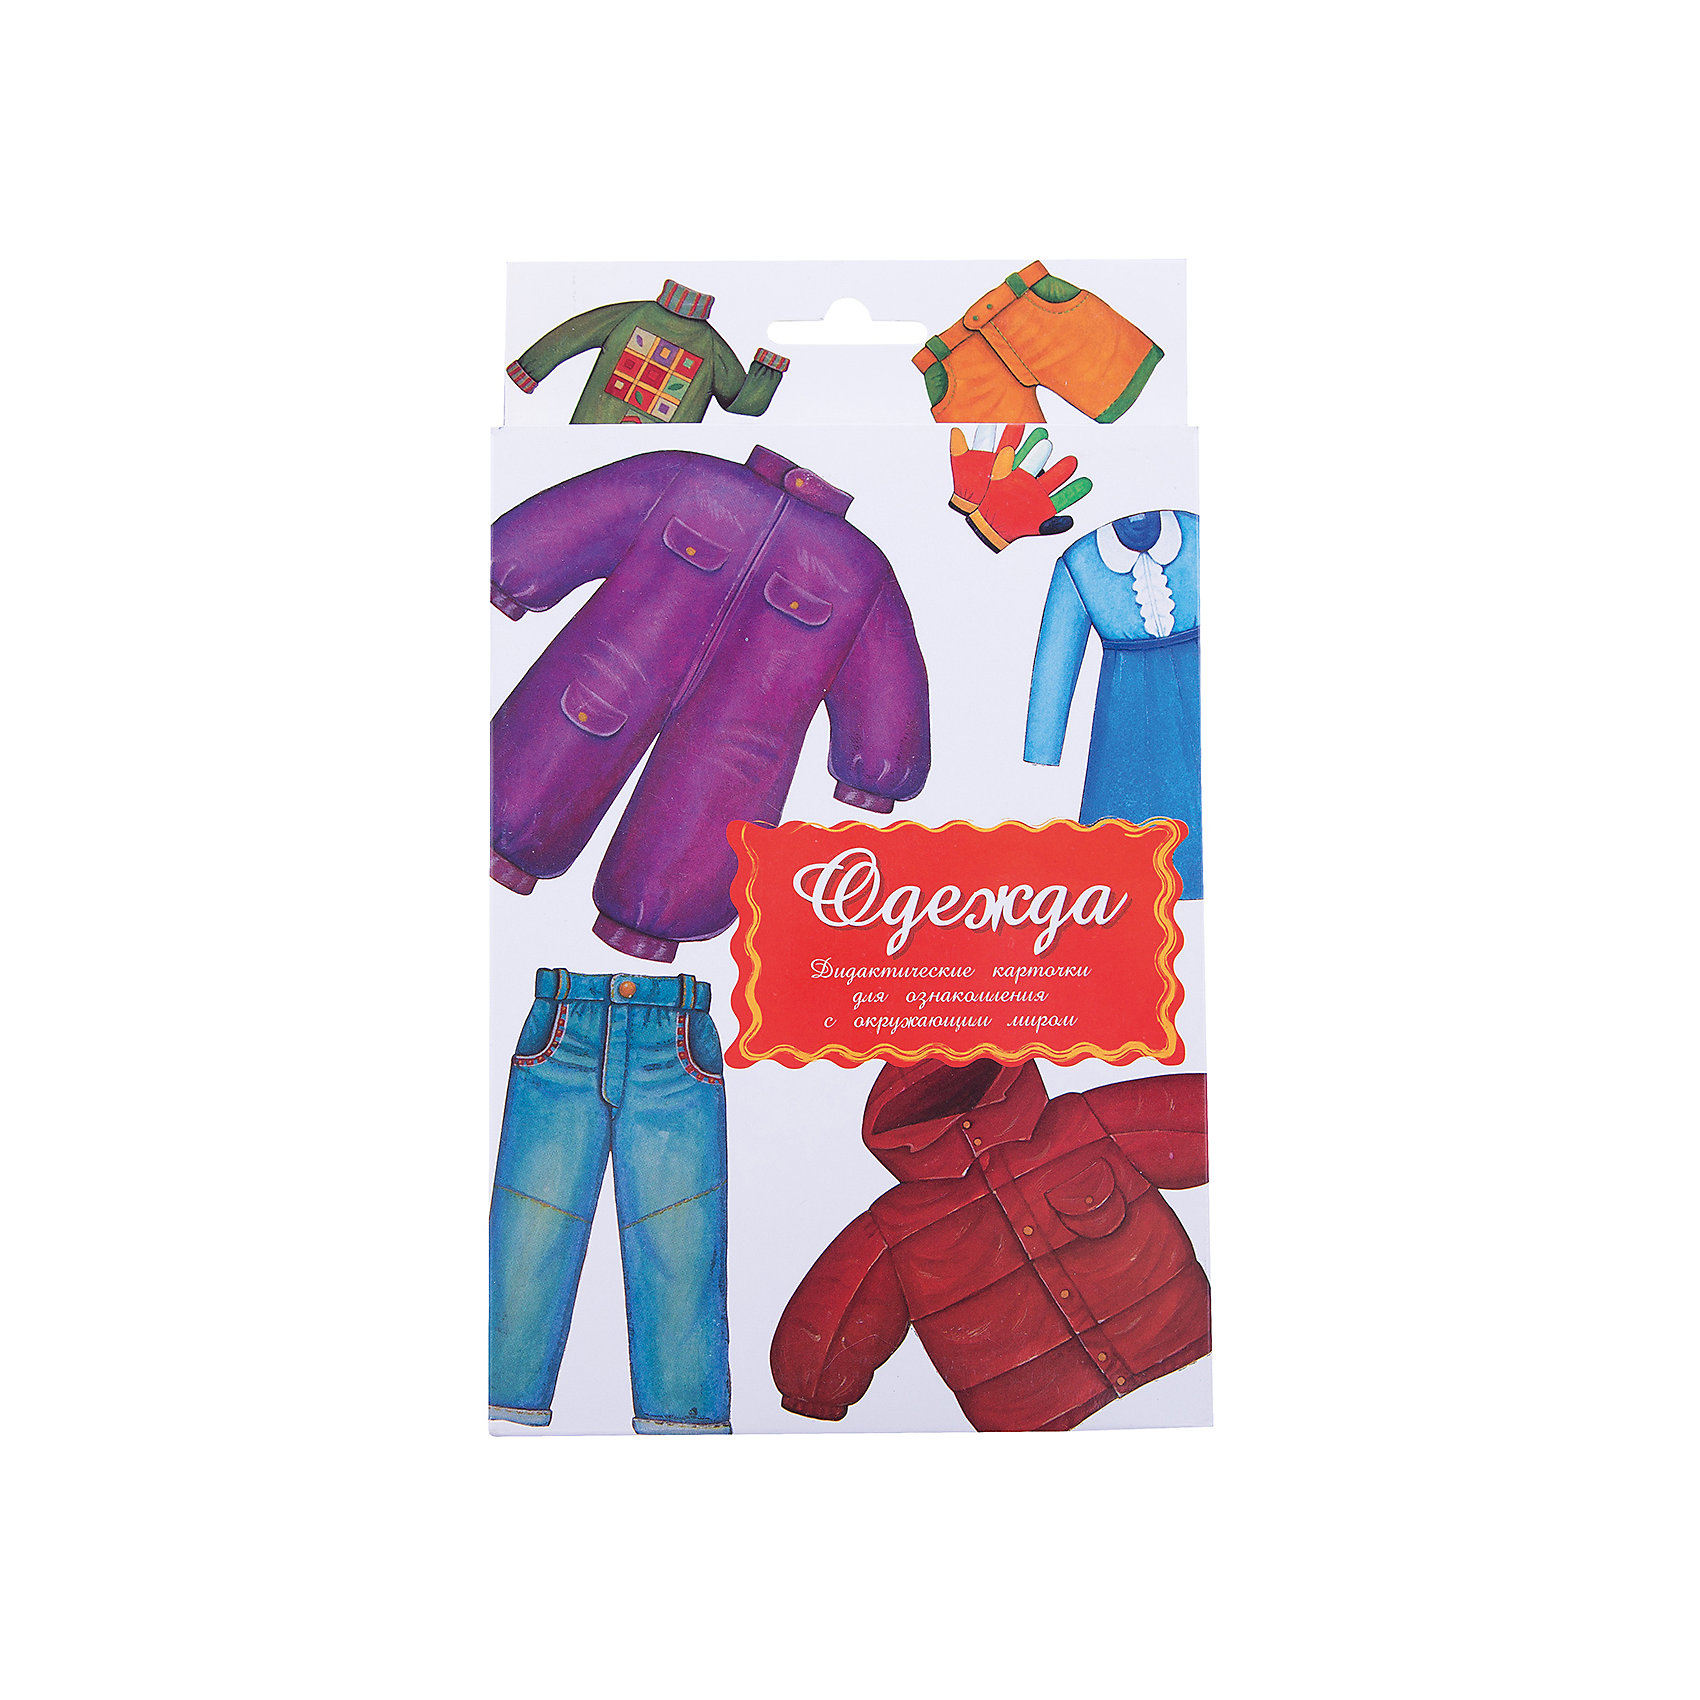 Дидактические карточки Одежда, Маленький генийОбучающие карточки<br>Дидактические карточки Одежда, Маленький гений.<br><br>Характеристики:<br><br>• Художник: Подколзин Евгений<br>• Количество карточек: 16<br>• Размер карточек: 25х15 см.<br>• Материал: картон<br>• Упаковка: картонный блистер с европодвесом<br>• Размер упаковки: 25,2х15,1х1 см.<br><br>Дидактические карточки с крупными яркими картинками познакомят малыша с некоторыми видами одежды: комбинезоном, джинсами, пальто, брюками, носками, колготками, курткой, футболкой, перчатками, свитером, юбкой, рубашкой, шубой, платьем, шортами, плащом. Всего в набор входит 16 карточек. На одной стороне каждой карточки изображена какая-либо одежда, а на обратной стороне дано ее описание: когда она появилась, кем была создана, интересные факты. <br><br>Совсем маленькому ребенку можно просто показывать карточки и называть одежду. Когда он запомнит ее, можно просить его найти карточку с той или иной одеждой или назвать одежду, которую Вы ему показываете. Можно сортировать одежду, например, на зимнюю и летнюю, мужскую и женскую, детскую и взрослую. Если ребенок учится читать, можно отрезать названия и, перемешав, предложить ребенку подобрать картинки к названиям. <br><br>С карточками можно организовать и множество игр на развитие внимания, логического мышления и памяти. Игра «Четвертый лишний»: из четырех карточек, одна из которых отличается от трех других, ребенок должен выбрать лишнюю и объяснить свой выбор. Можно по очереди с ребенком отвечать на вопрос «Какой?» относительно каждой карточки, стараясь дать больше ответов. <br><br>Разглядывая карточки, играя с ними, ваш малыш не только обогатит свой багаж знаний об окружающем мире, но и научится составлять предложения, беседовать по картинкам, классифицировать и систематизировать предметы. Карточки рекомендуются родителям, логопедами, психологами, воспитателями детских садов, учителями начальных классов для познавательных игр с детьми и занятий по методике Глена Домана.<br><b